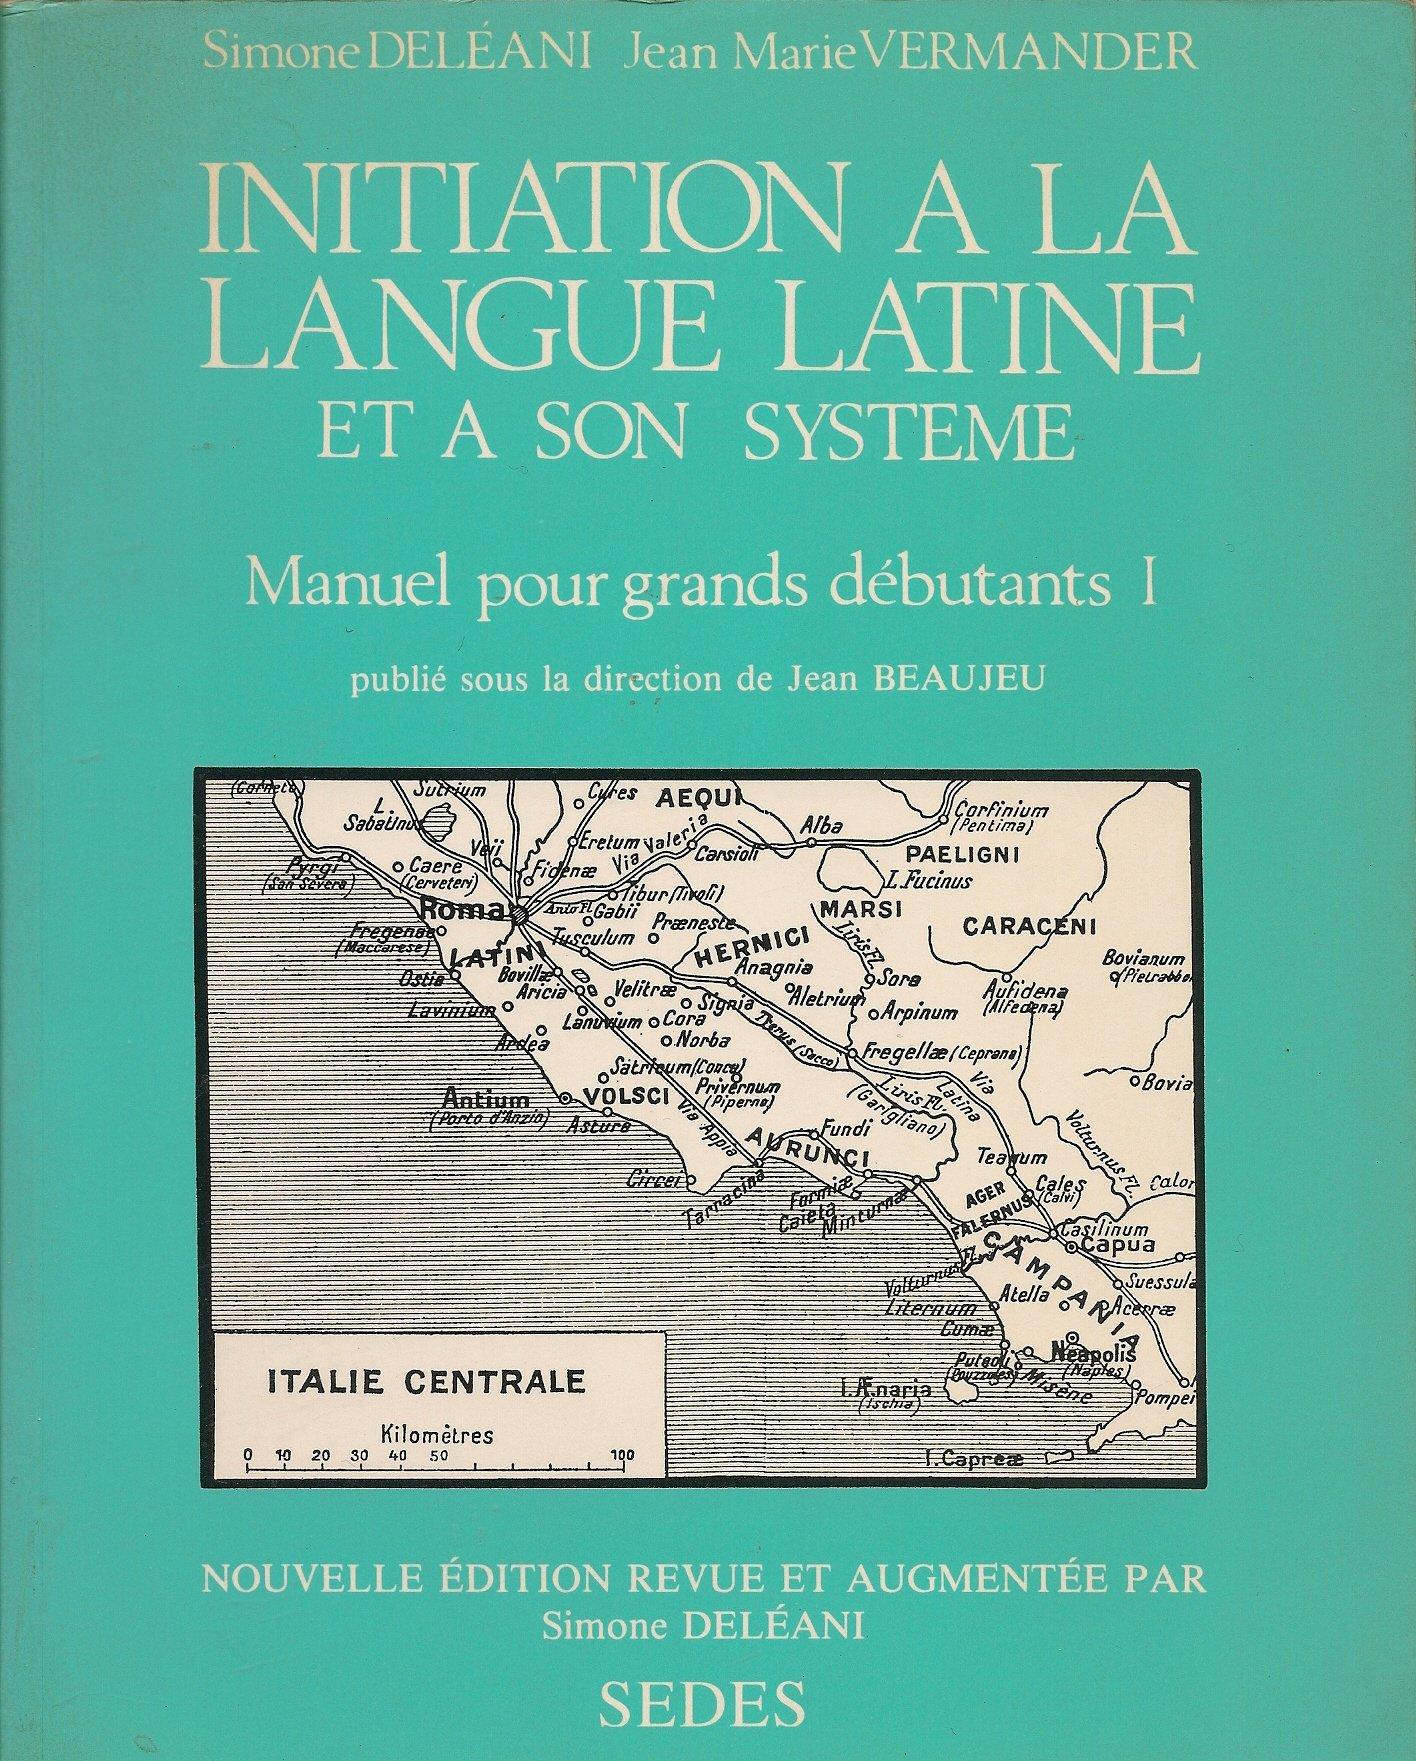 Initiation à la langue latine et à son système : Tome 1, Manuel pour grands débutants Broché – 23 mai 1995 Simone Deléani Jean-Marie Vermander Sedes 2718111895